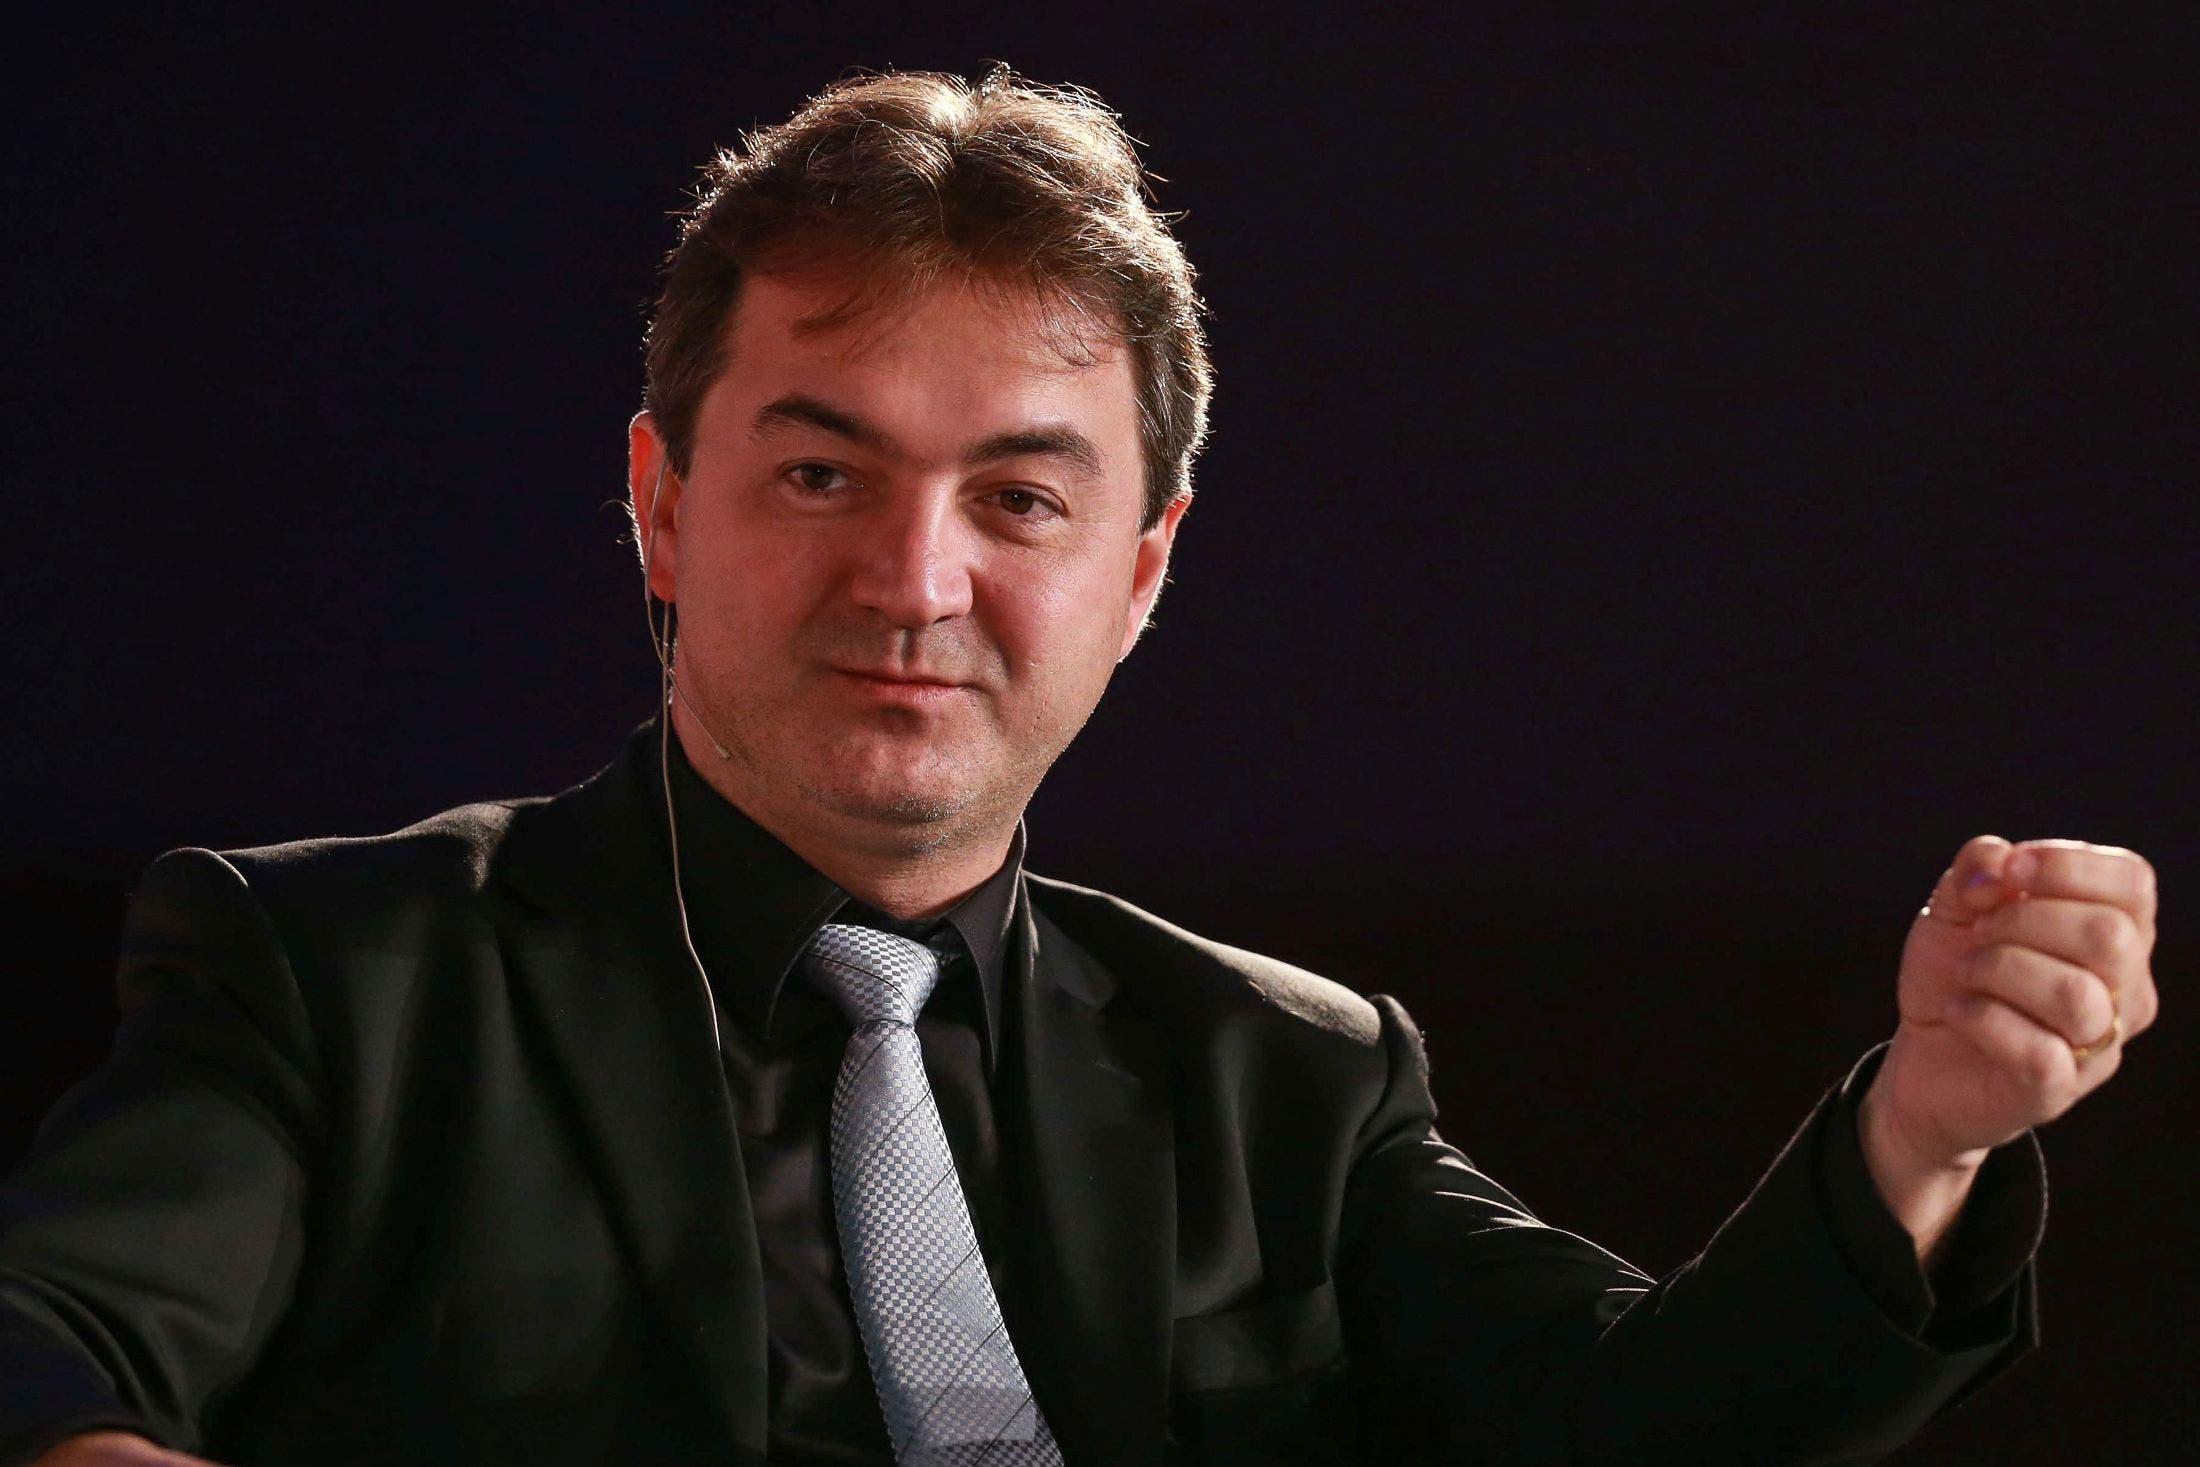 Joesley Batista, uno de los dueños de JBS, la empresa que asegura dio 80 millones de dólares a Lula de Silva y a Dilma Rousseff.